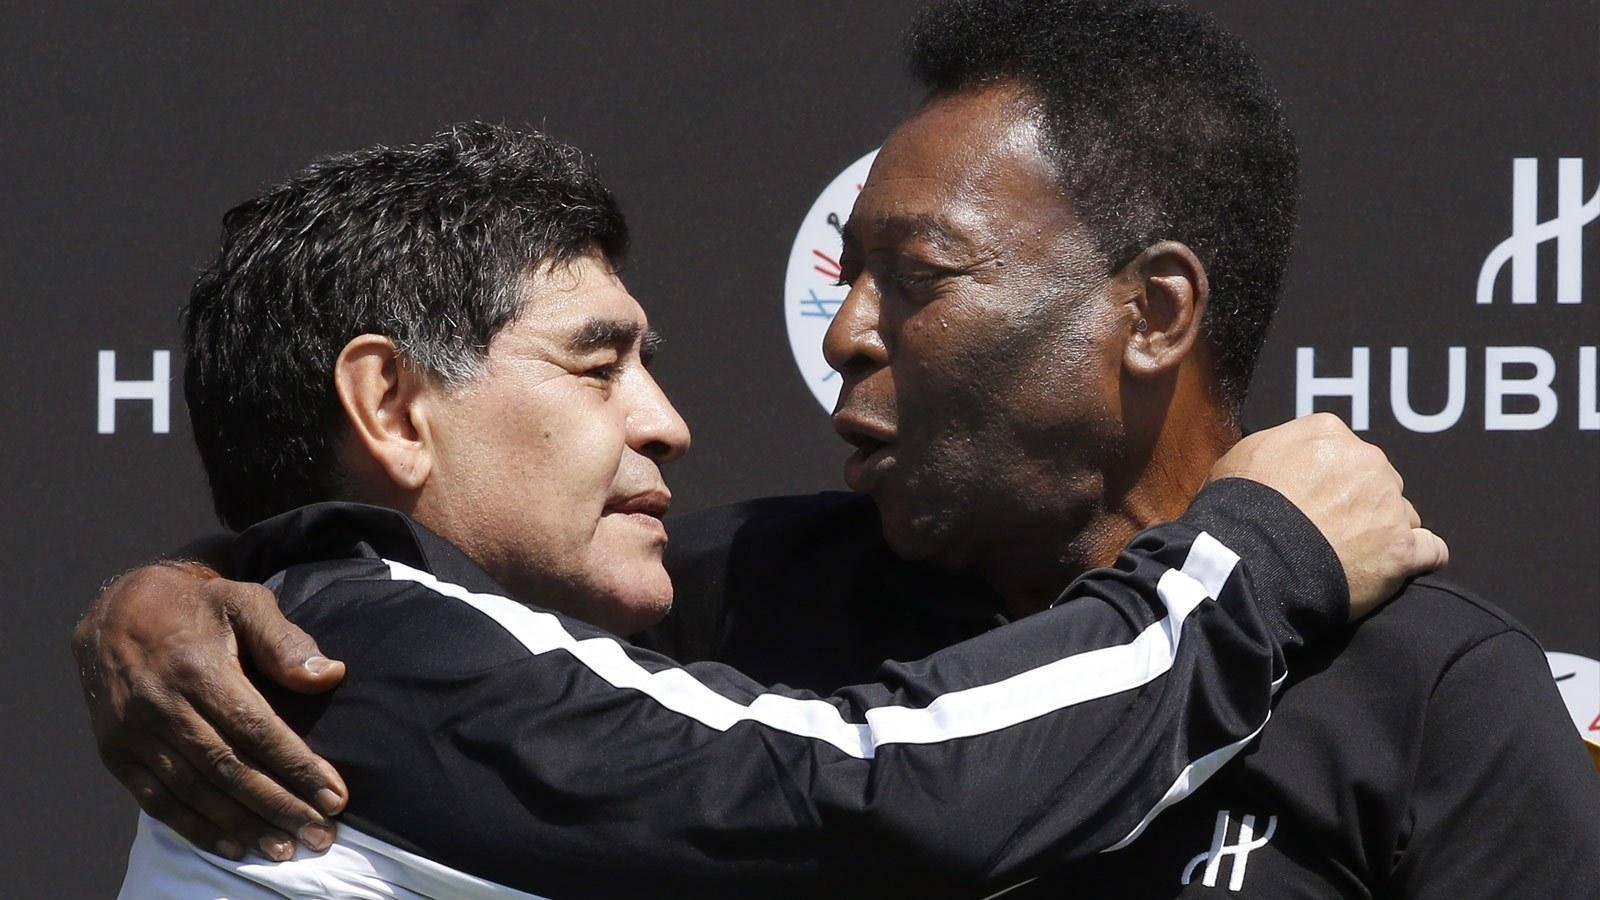 贝利资助马拉多纳生前执教的球队,罗纳尔多称萨维利亚了解梅西